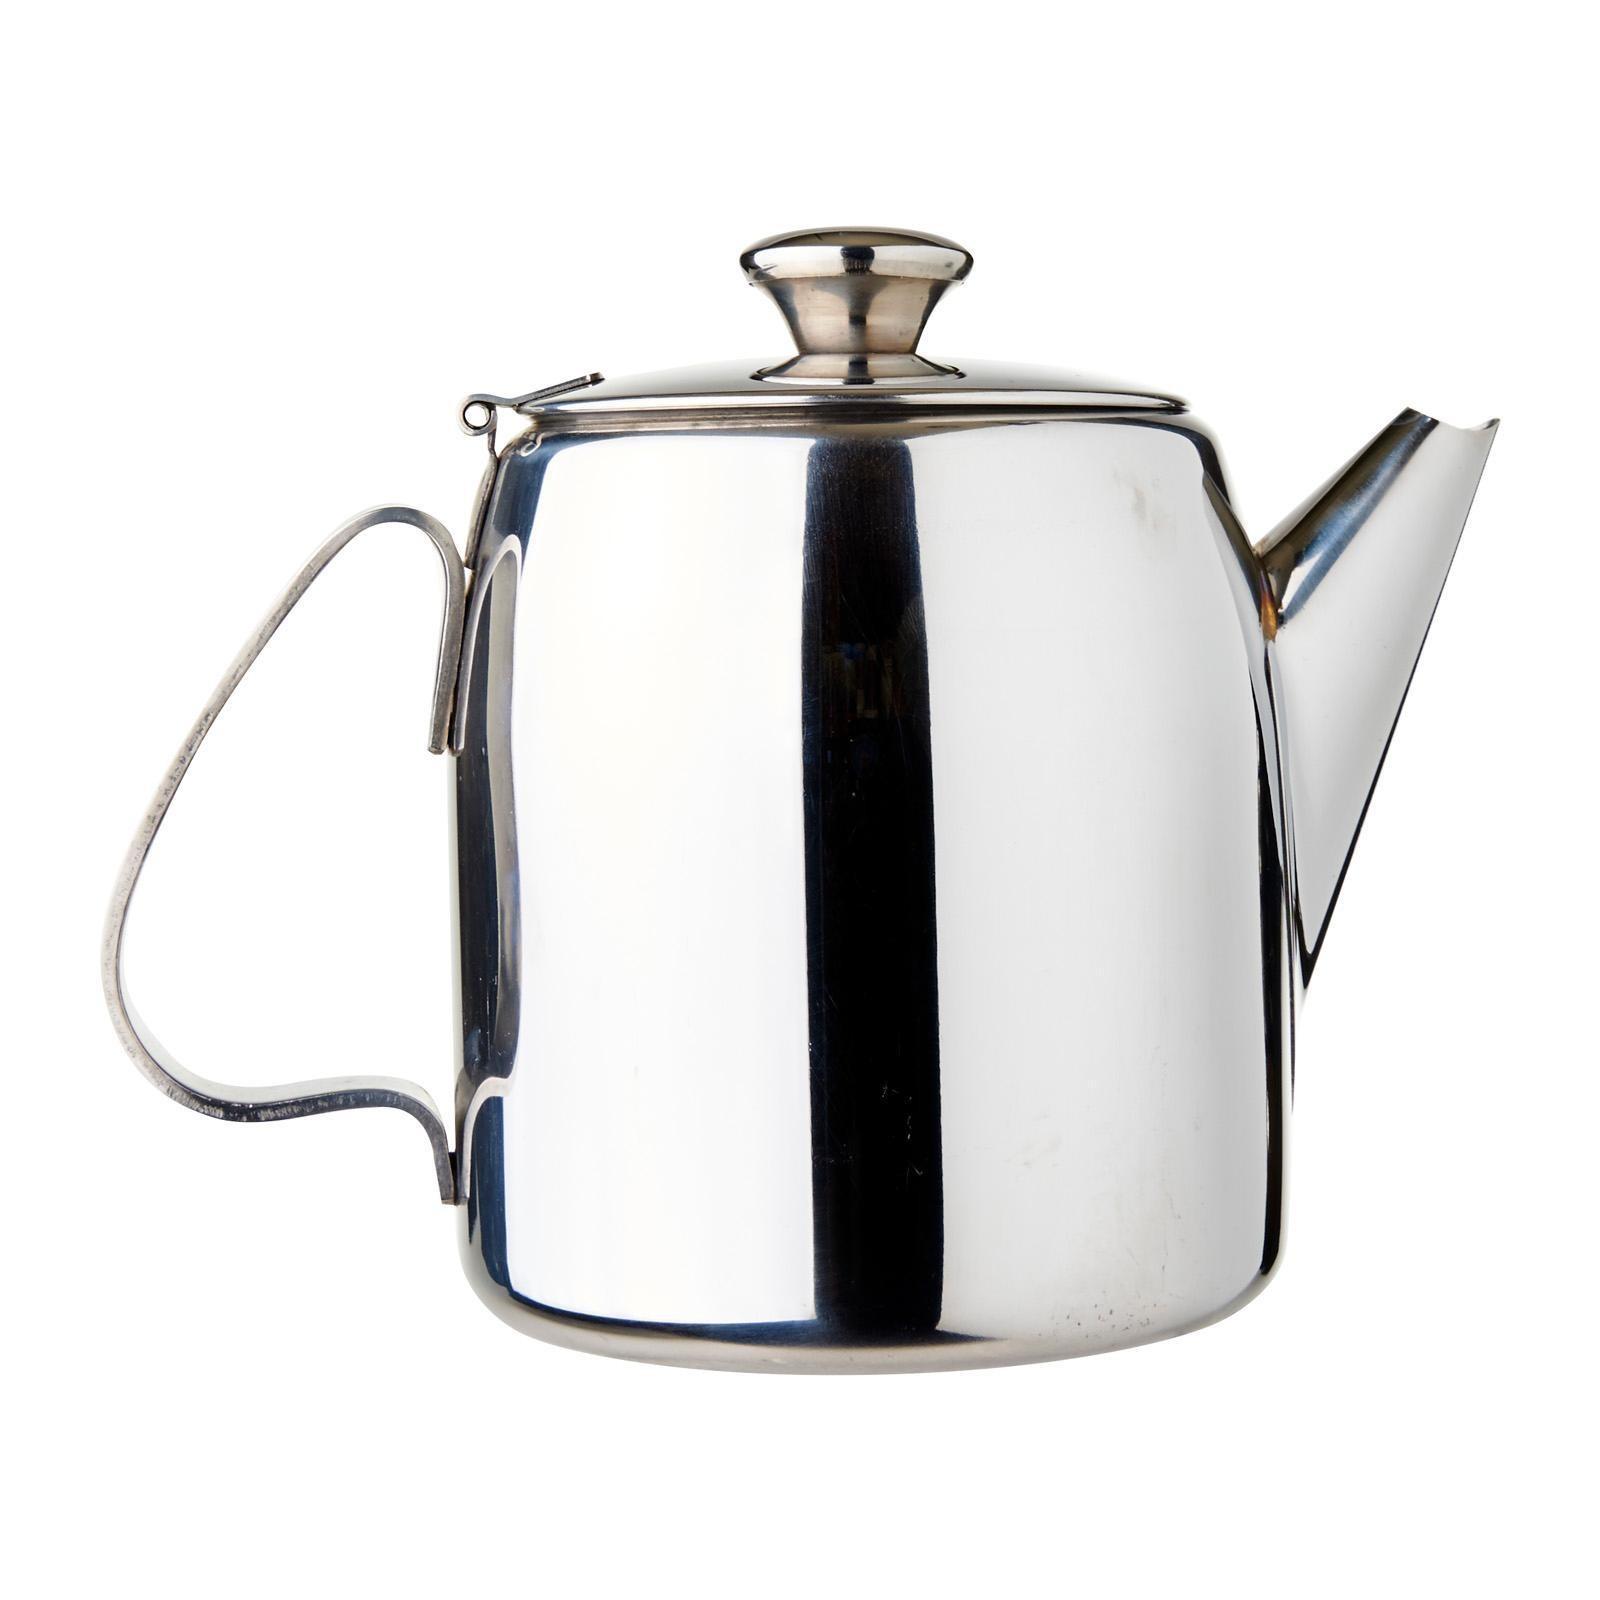 SUNNEX Stainless Steel Tea Pot 1.5L